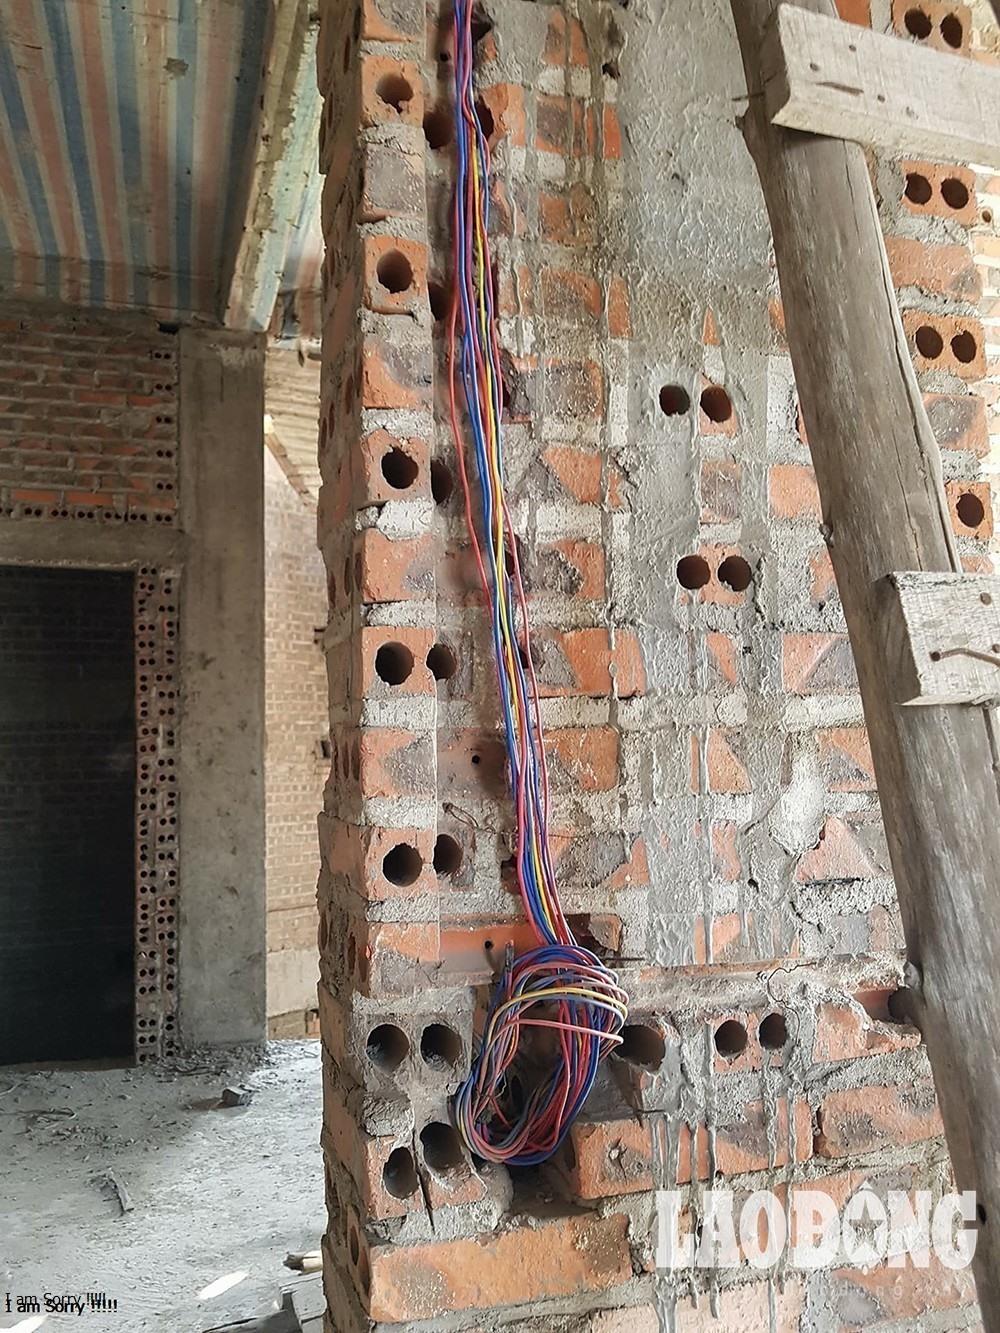 Hệ thống dây điện bị mất trộm nên đang được ông Luyên thay thế lại đường dây mới.